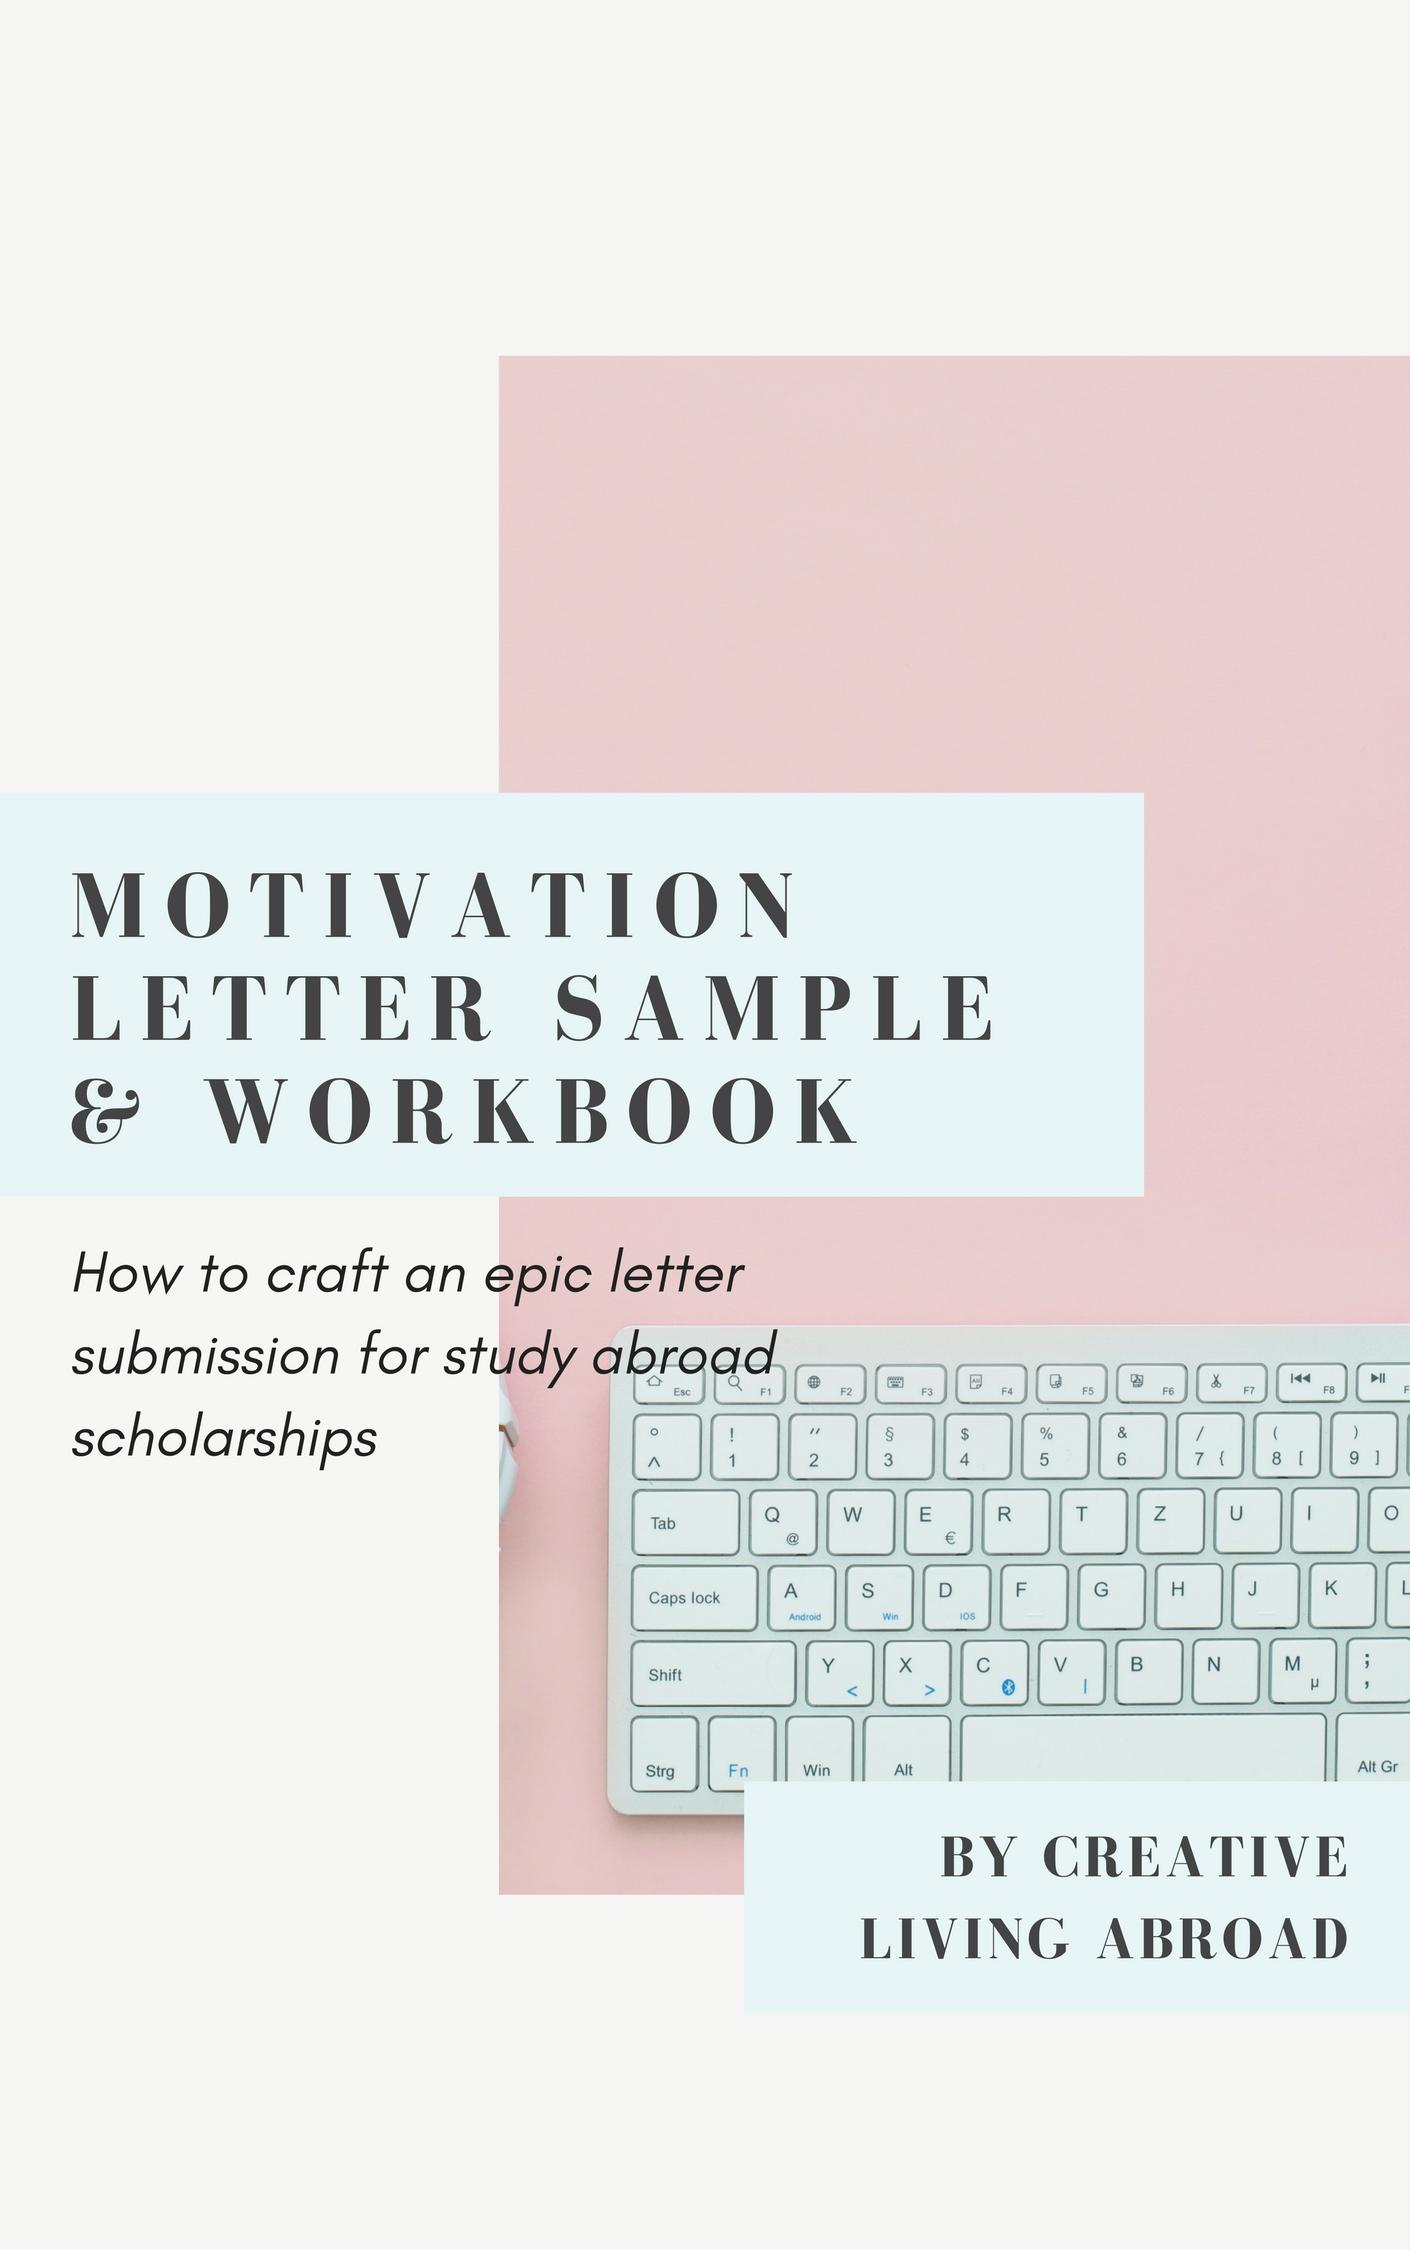 sample motivation letter and workbook